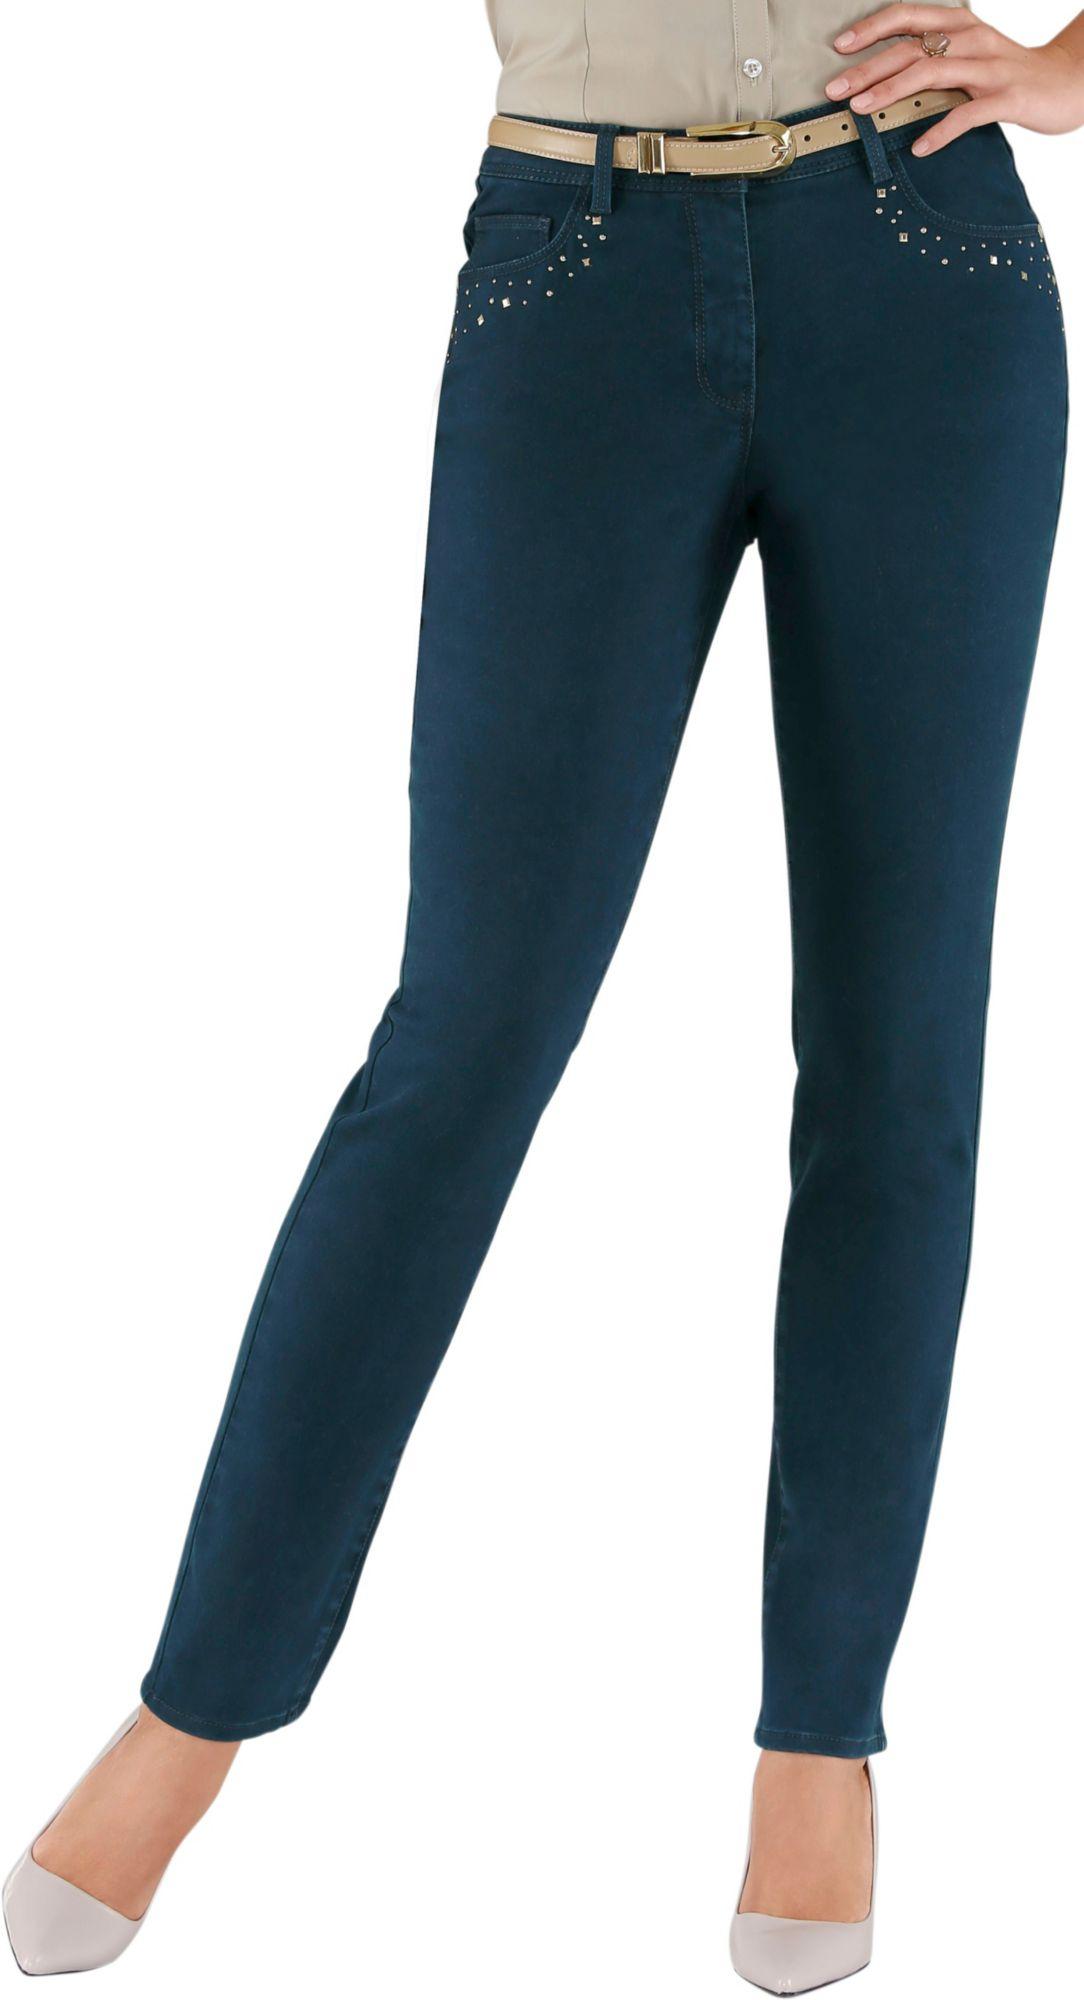 ALESSA W Alessa W. Jeans in klassischer 5-Pocket-Form